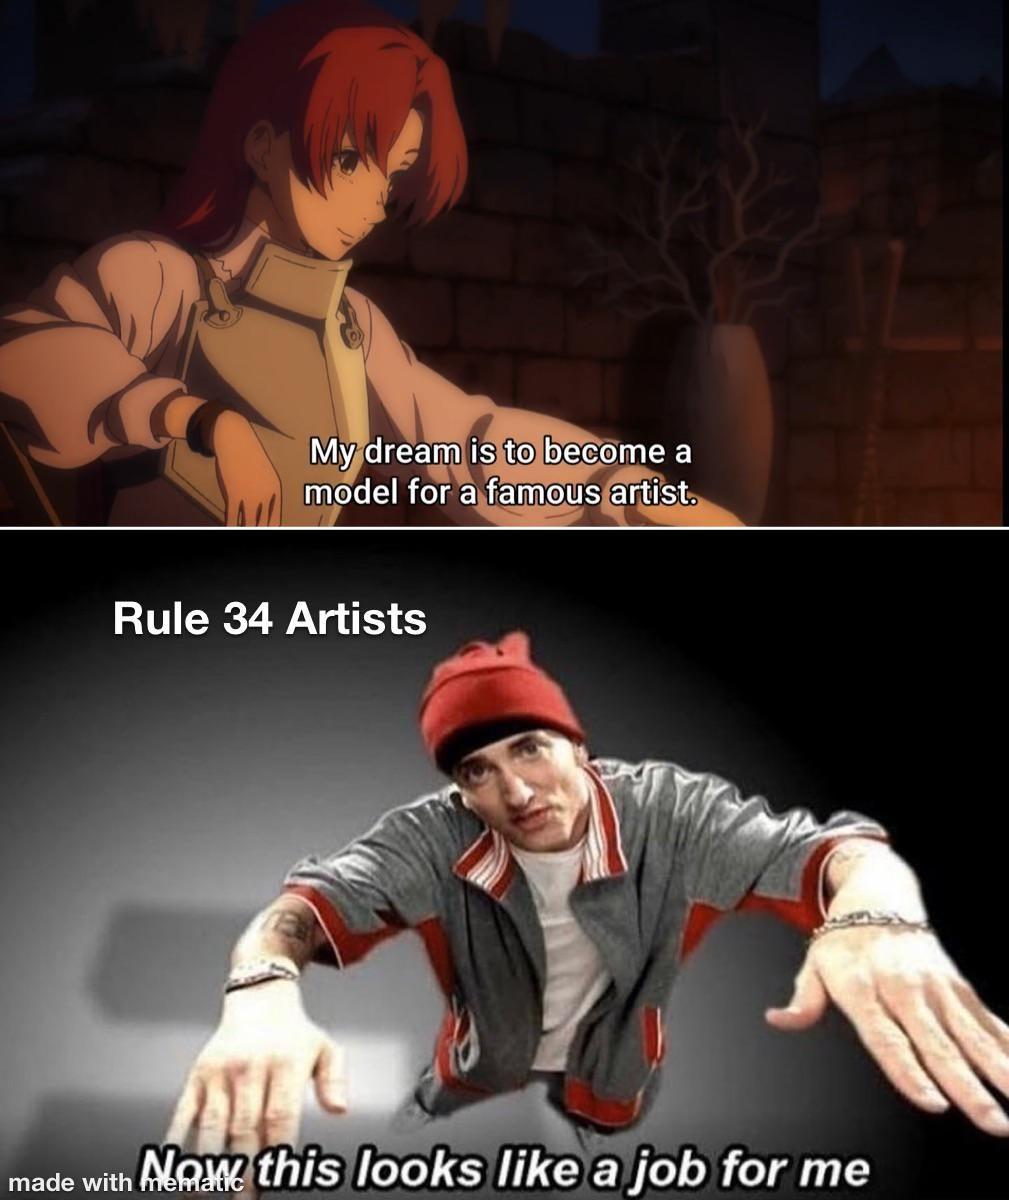 Haha Rule 34 Artists go Brrrrtttttt